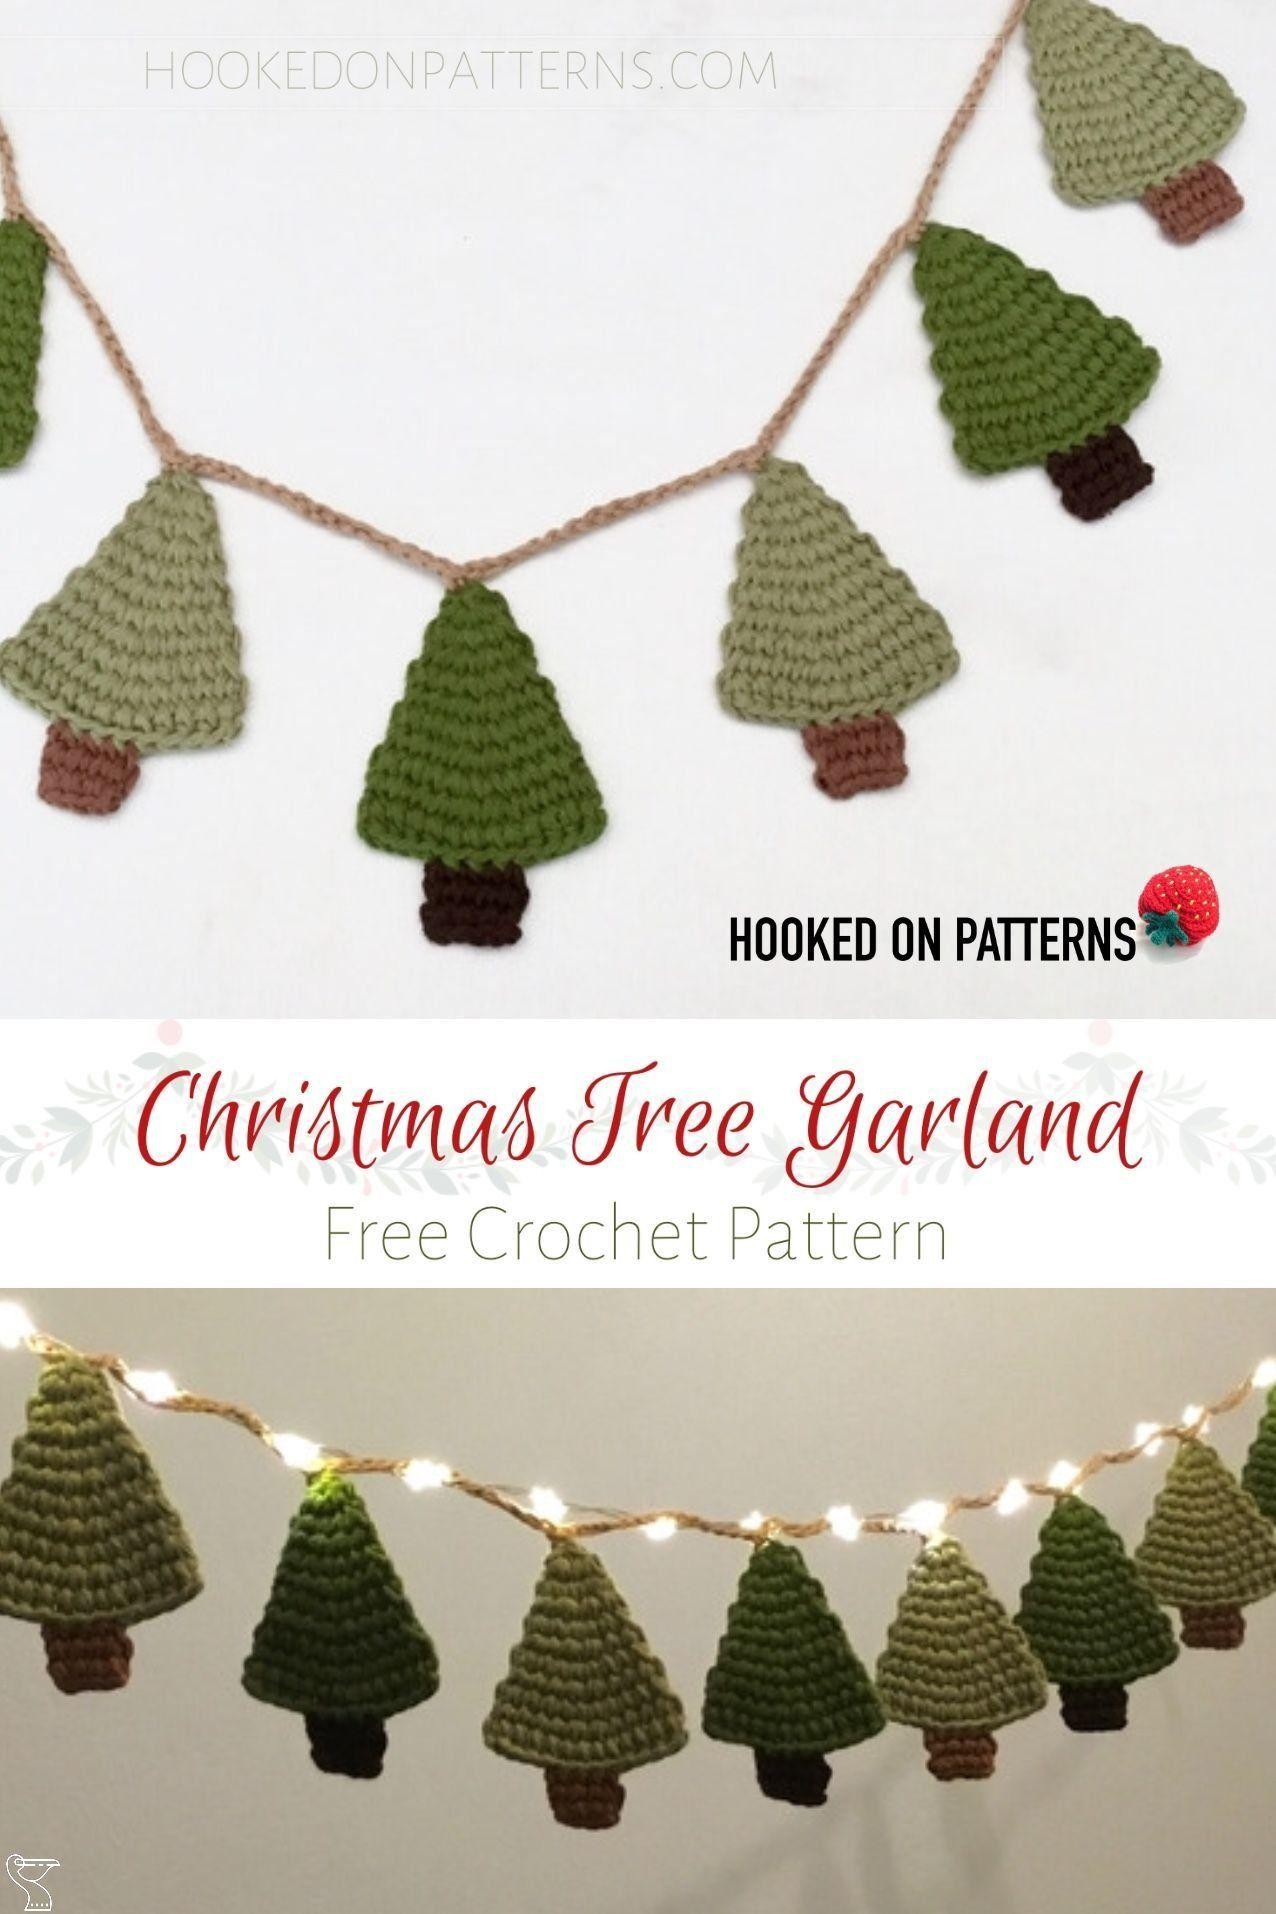 Free Crochet Christmas Tree Garland Free Crochet Christmas Tree Garland Pattern Make This Fun In 2020 Christmas Crochet Patterns Crochet Xmas Crochet Christmas Trees